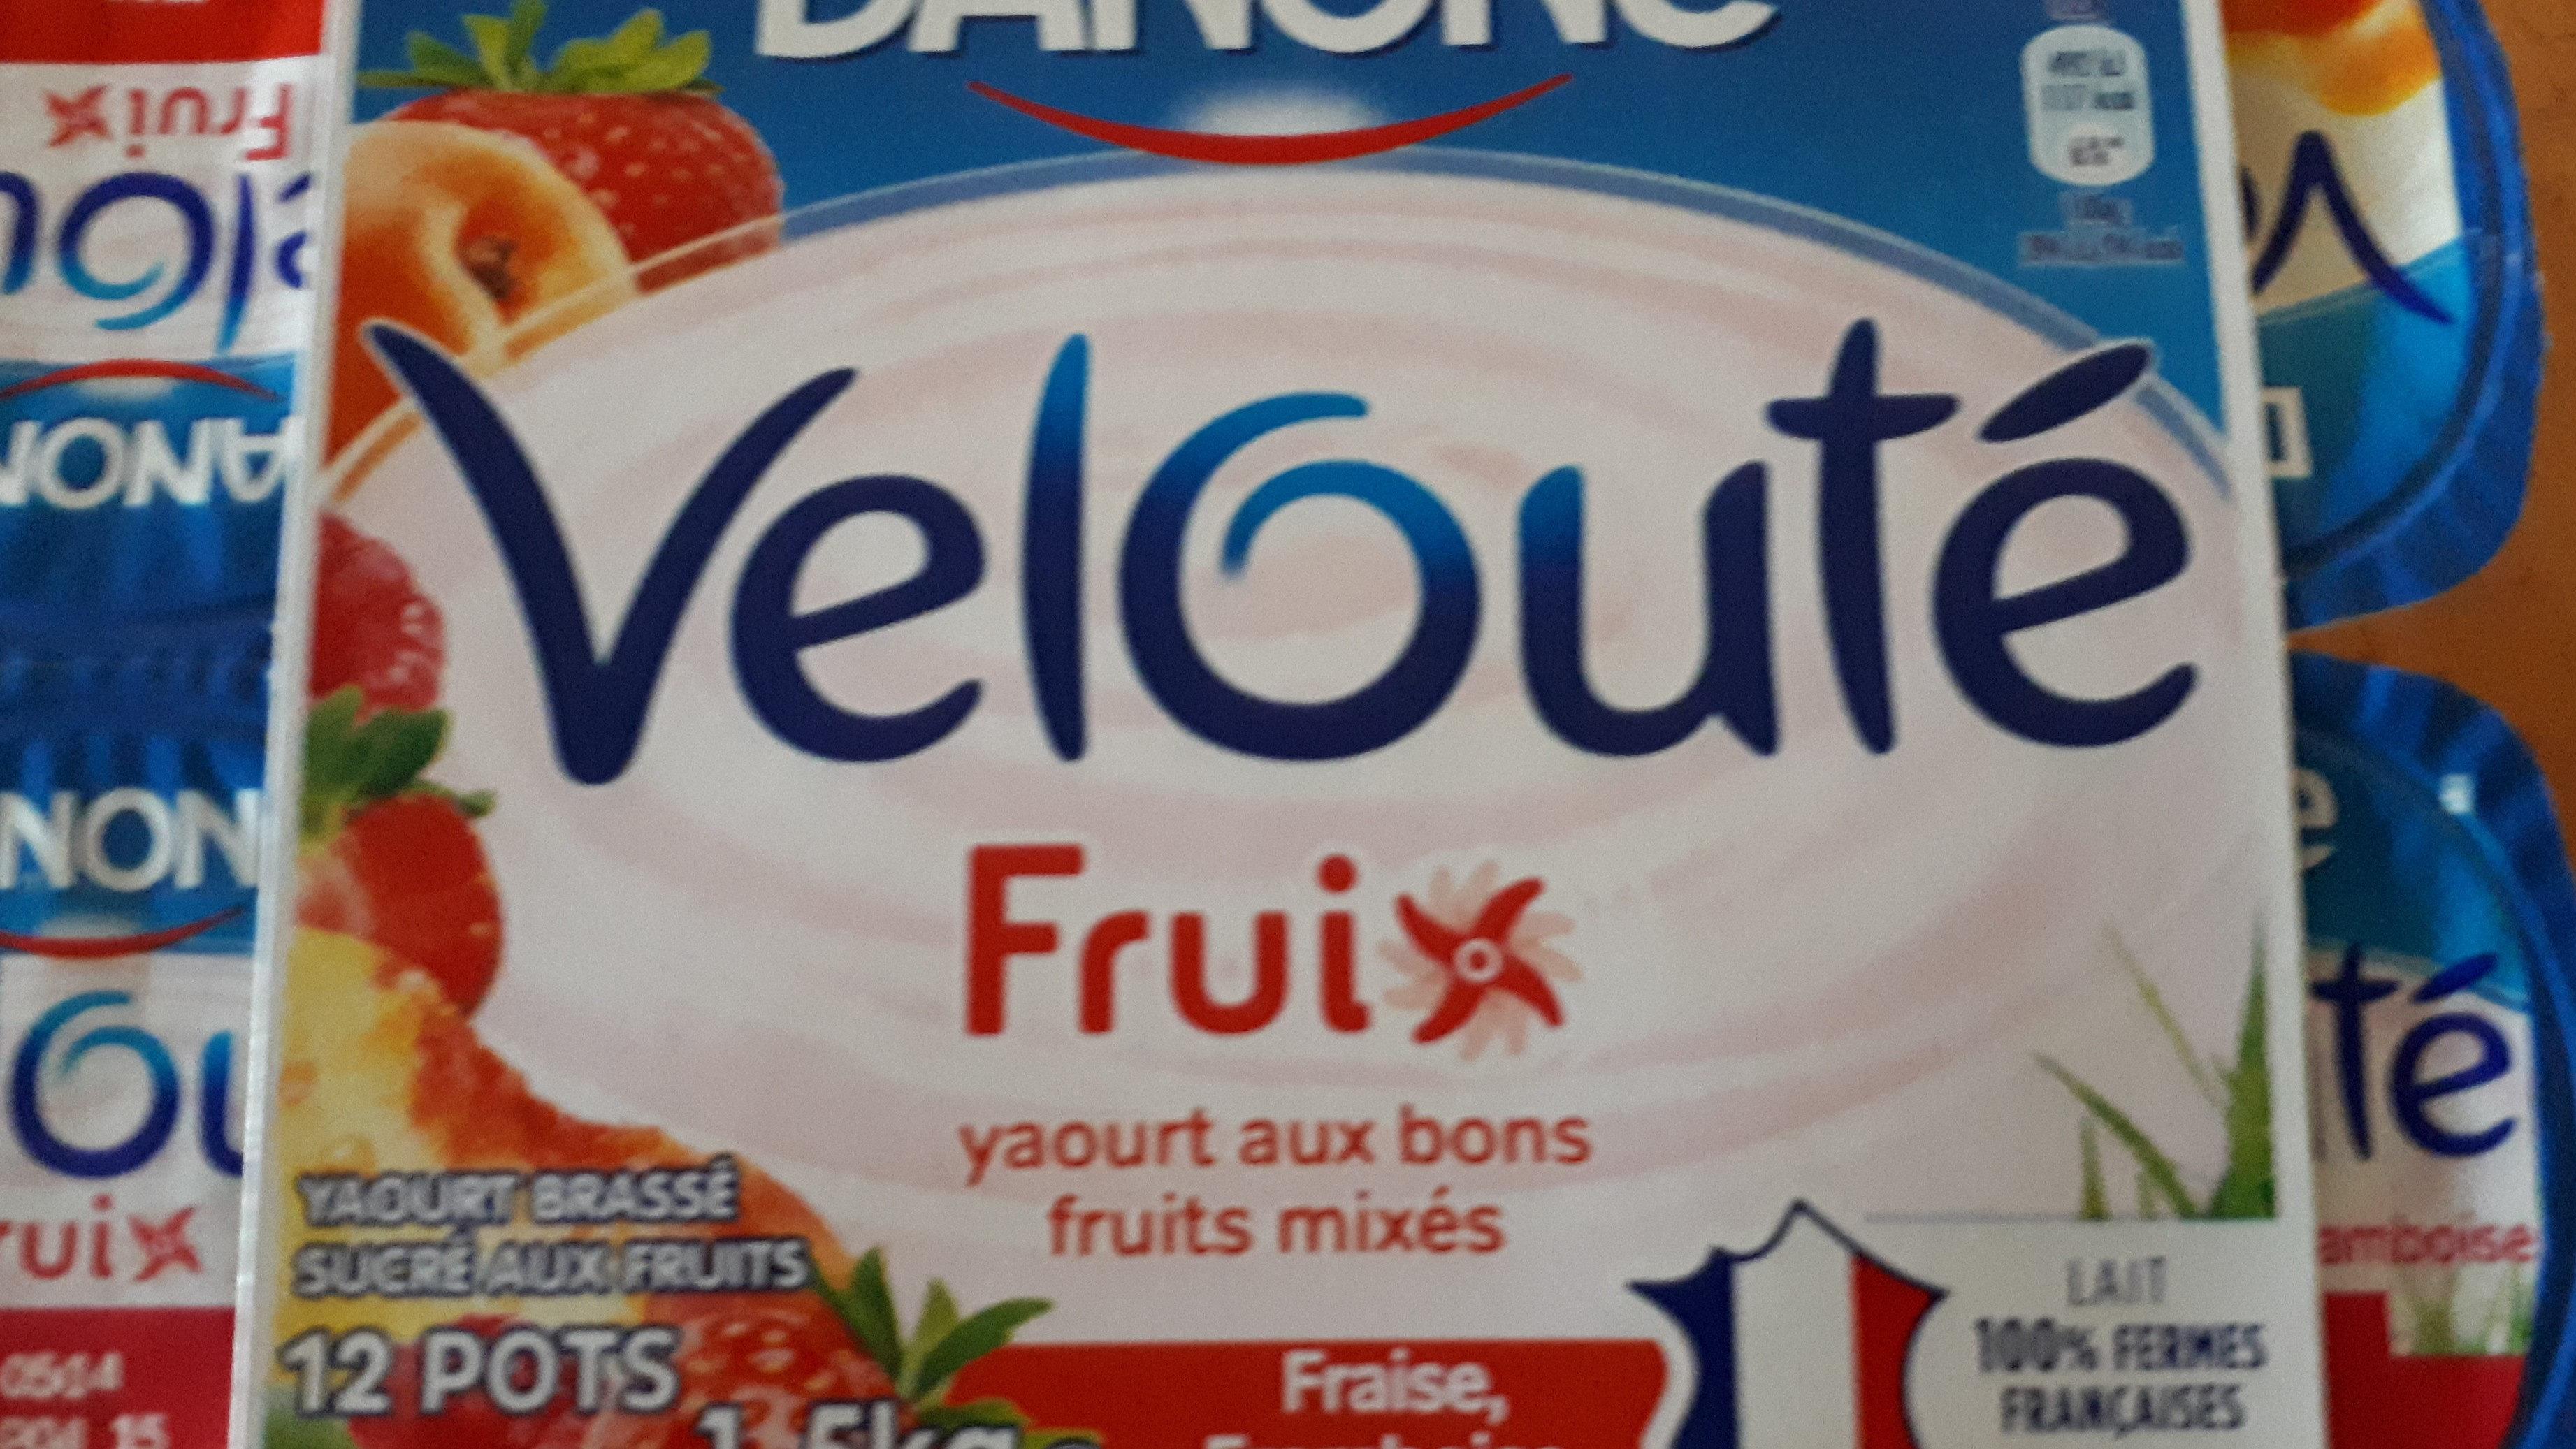 Velouté fruix - Product